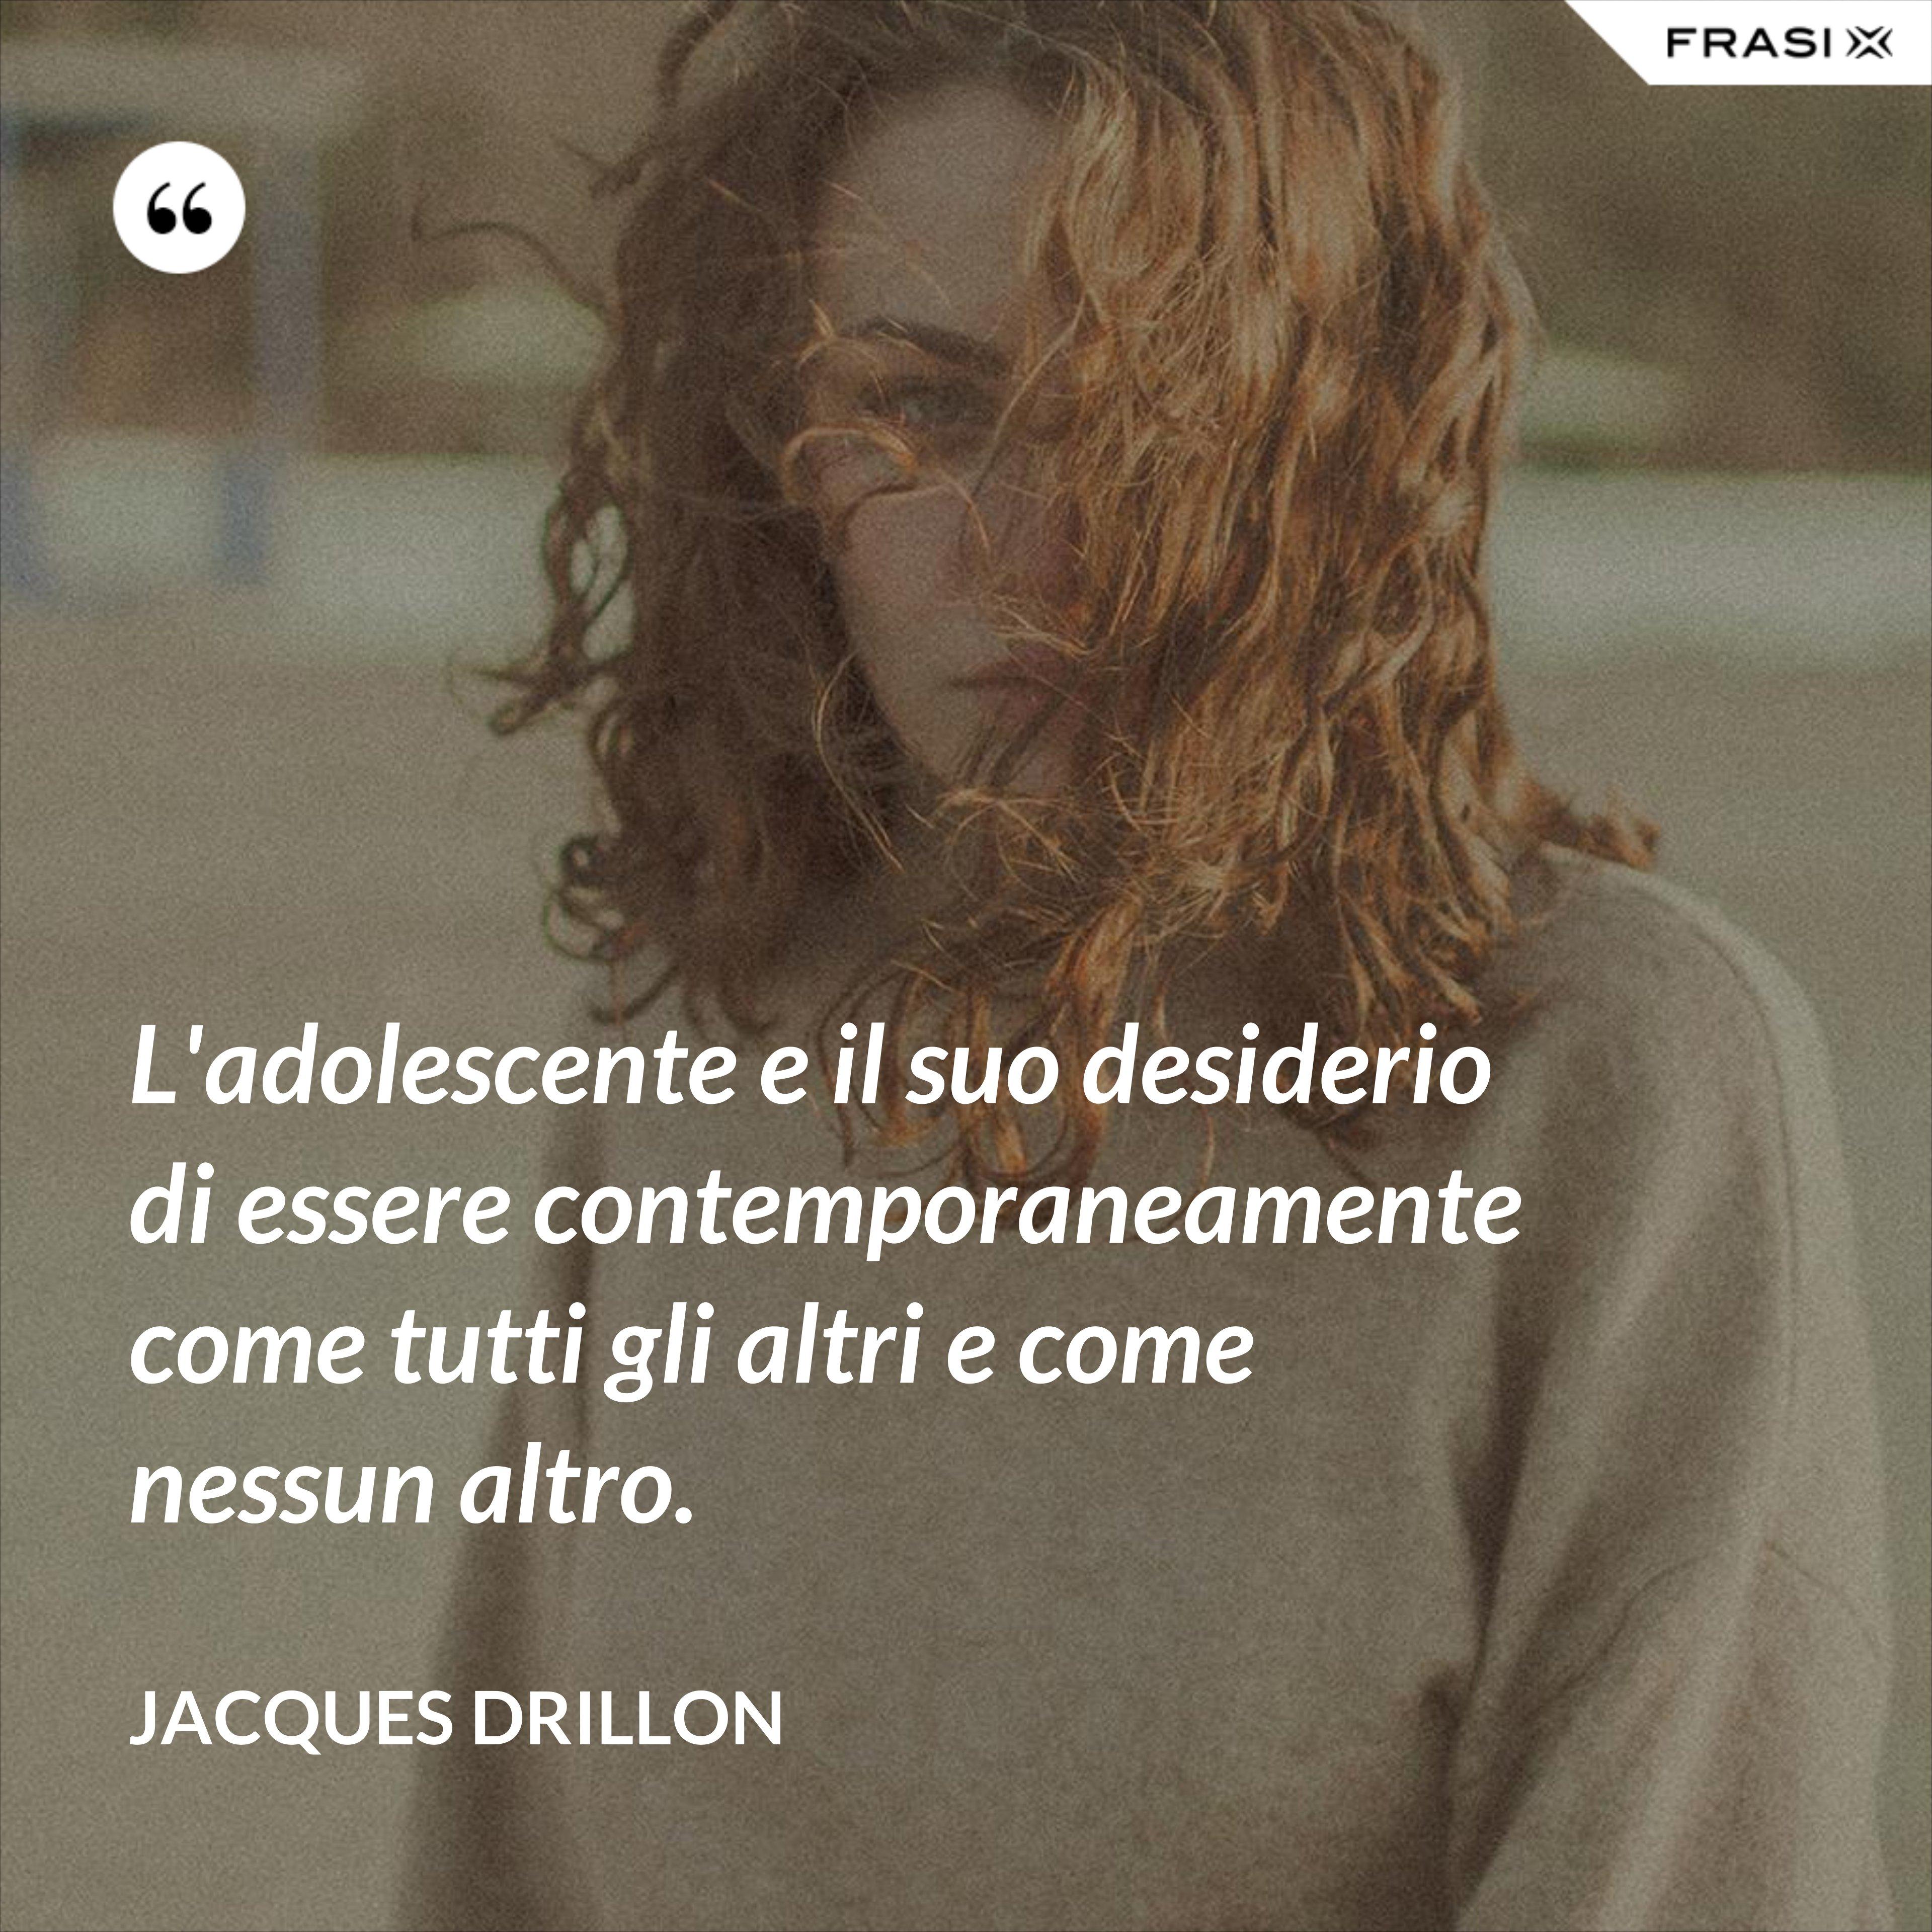 L'adolescente e il suo desiderio di essere contemporaneamente come tutti gli altri e come nessun altro. - Jacques Drillon